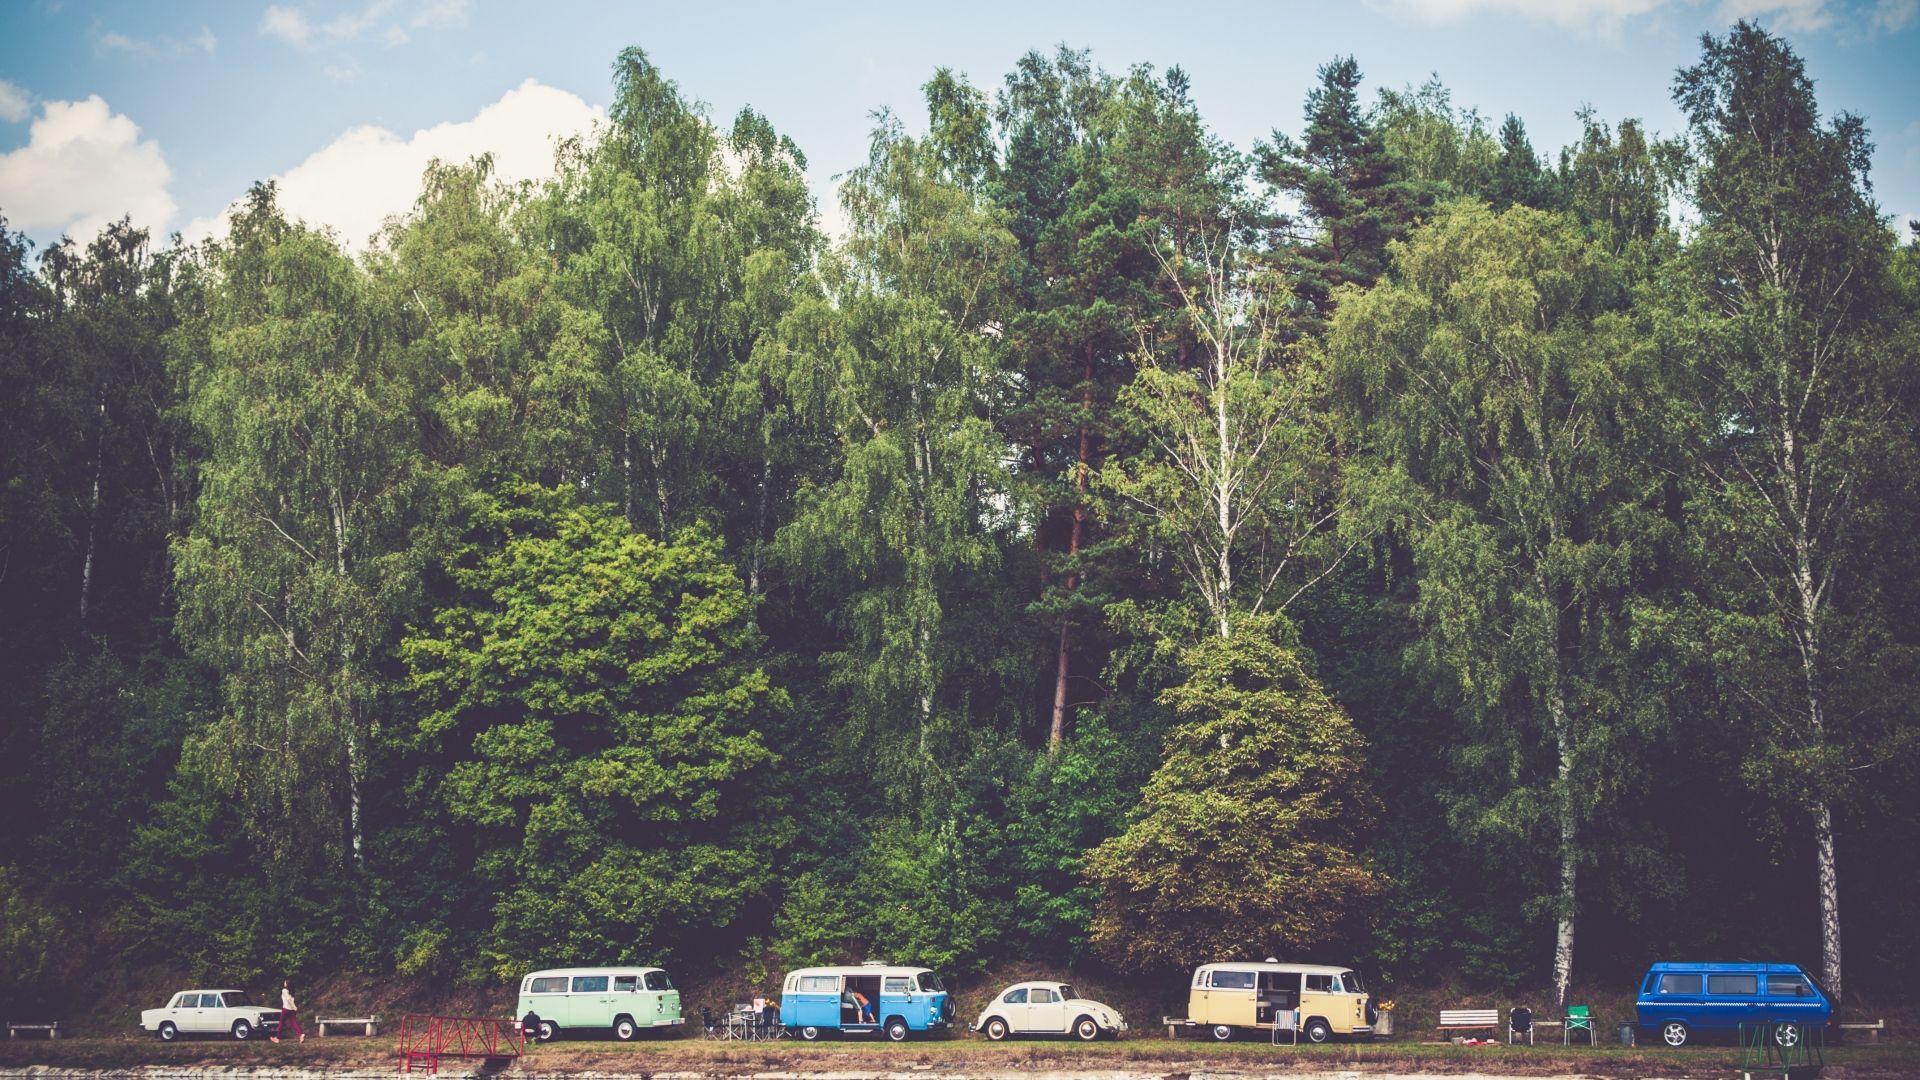 Camping Desktop Wallpapers - Top Free Camping Desktop ...